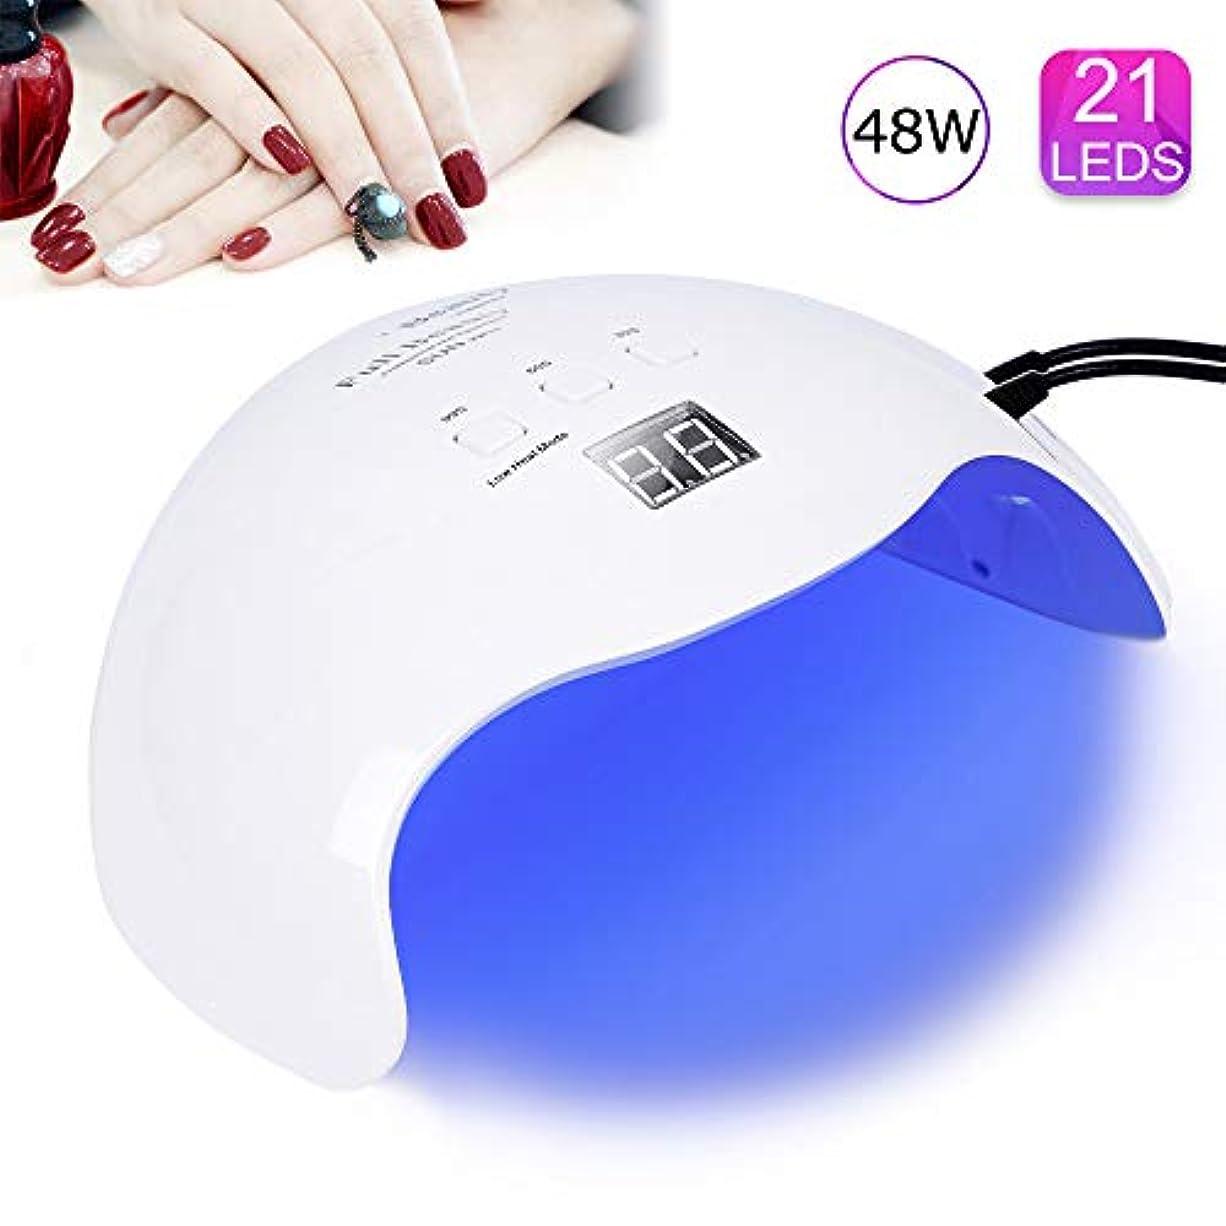 顕現乱す使用法紫外線LEDネイルドライヤー、48Wサロン品質プロフェッショナルジェルライト、3タイマーセットネイルライト(30S、60S、99S)、インテリジェント自動検知、LEDデジタルディスプレイ、UVジェル/